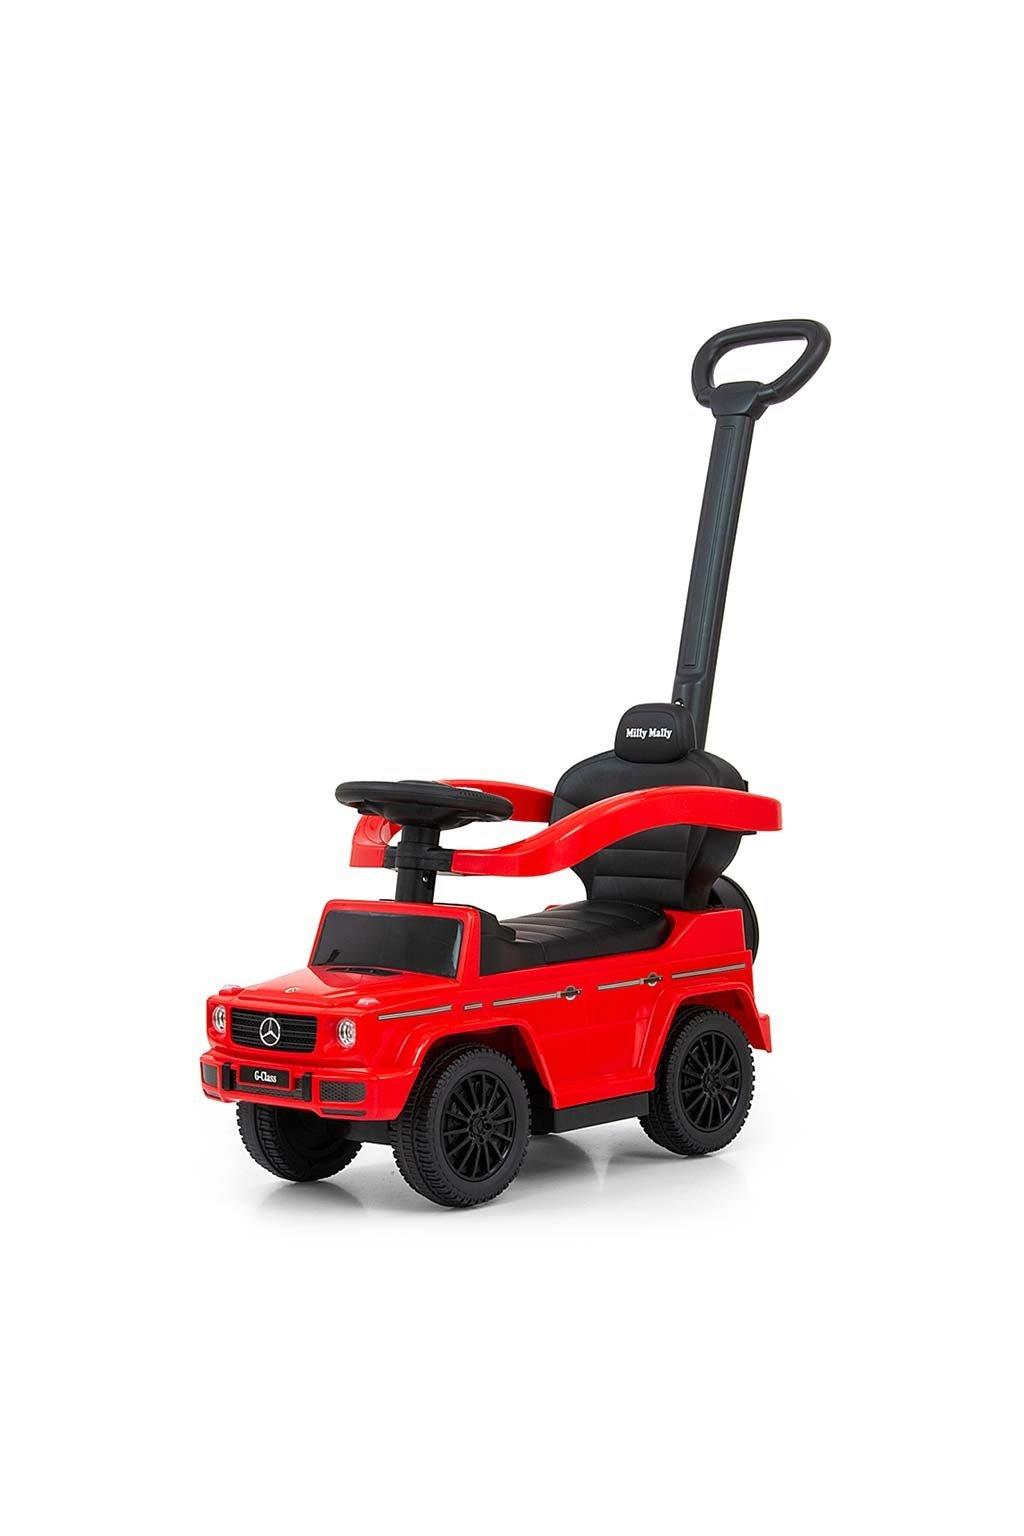 Detské odrážadlo s vodiacou tyčou MERCEDES G350d Milly Mally červené